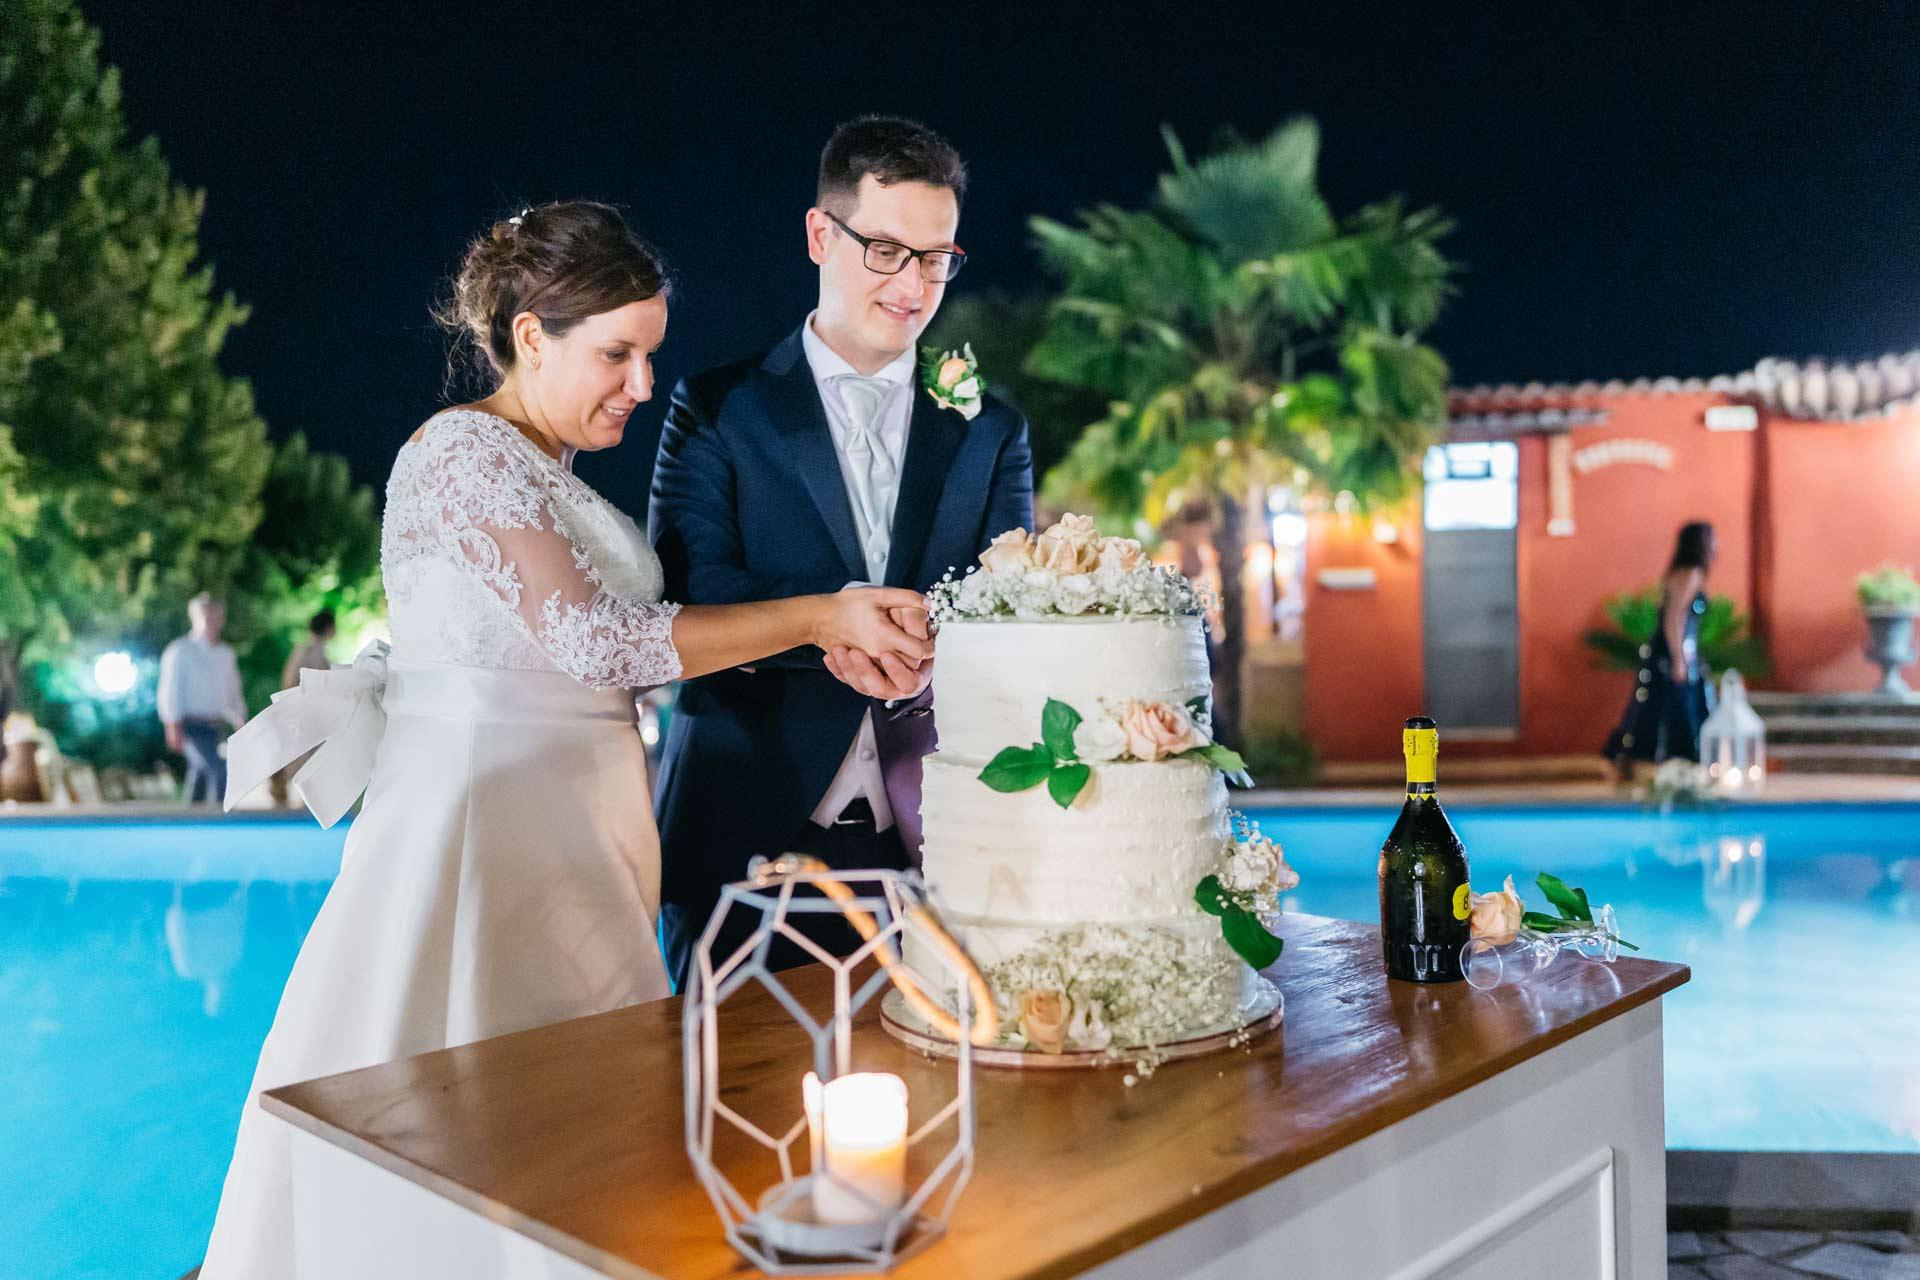 reportage-di-matrimonio-villaggio-martini-s&g-simone-nunzi